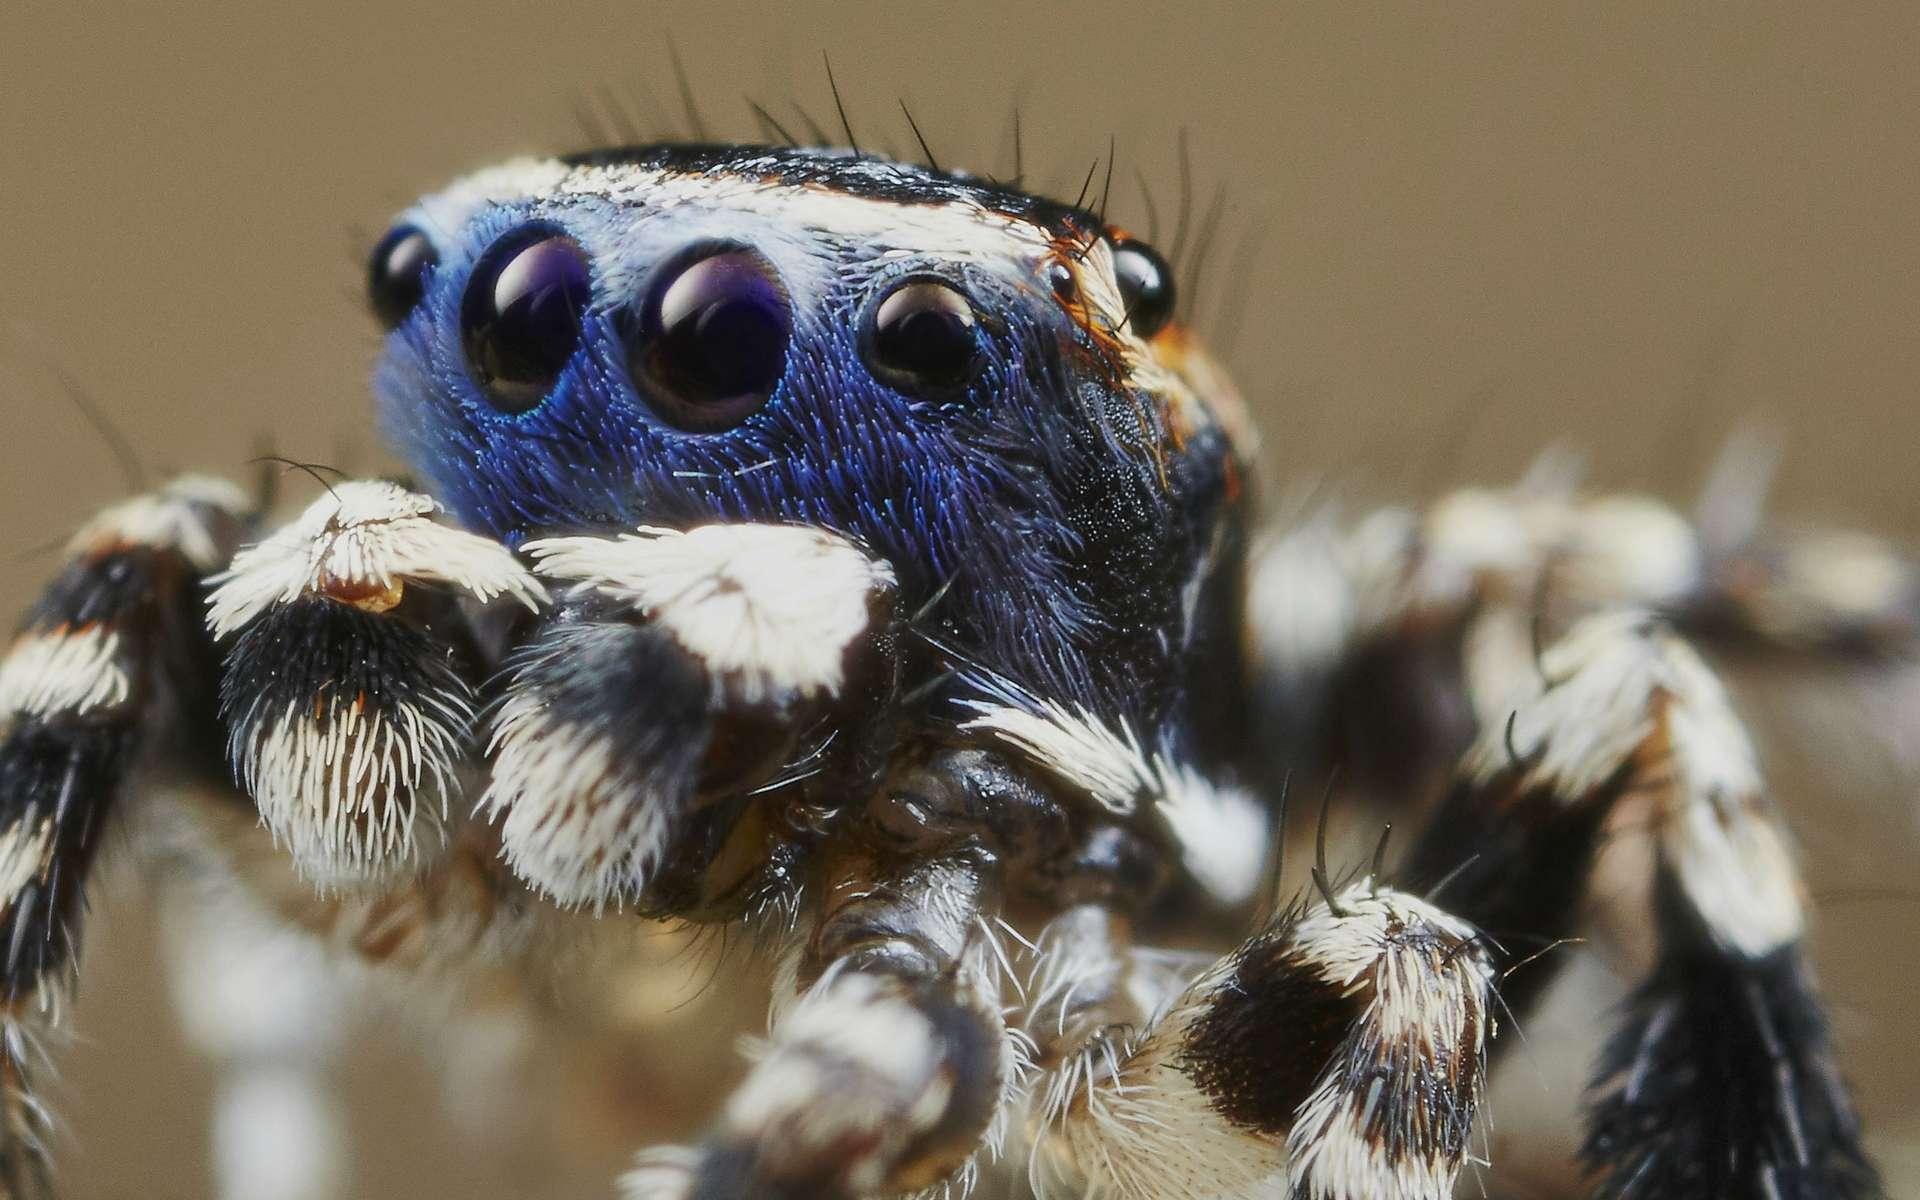 Chez la minuscule araignée australienne Maratus personatus, le mâle porte comme un masque bleu sur ses quatre yeux, d'où son surnom de « Blueface ». © Jürgen Otto